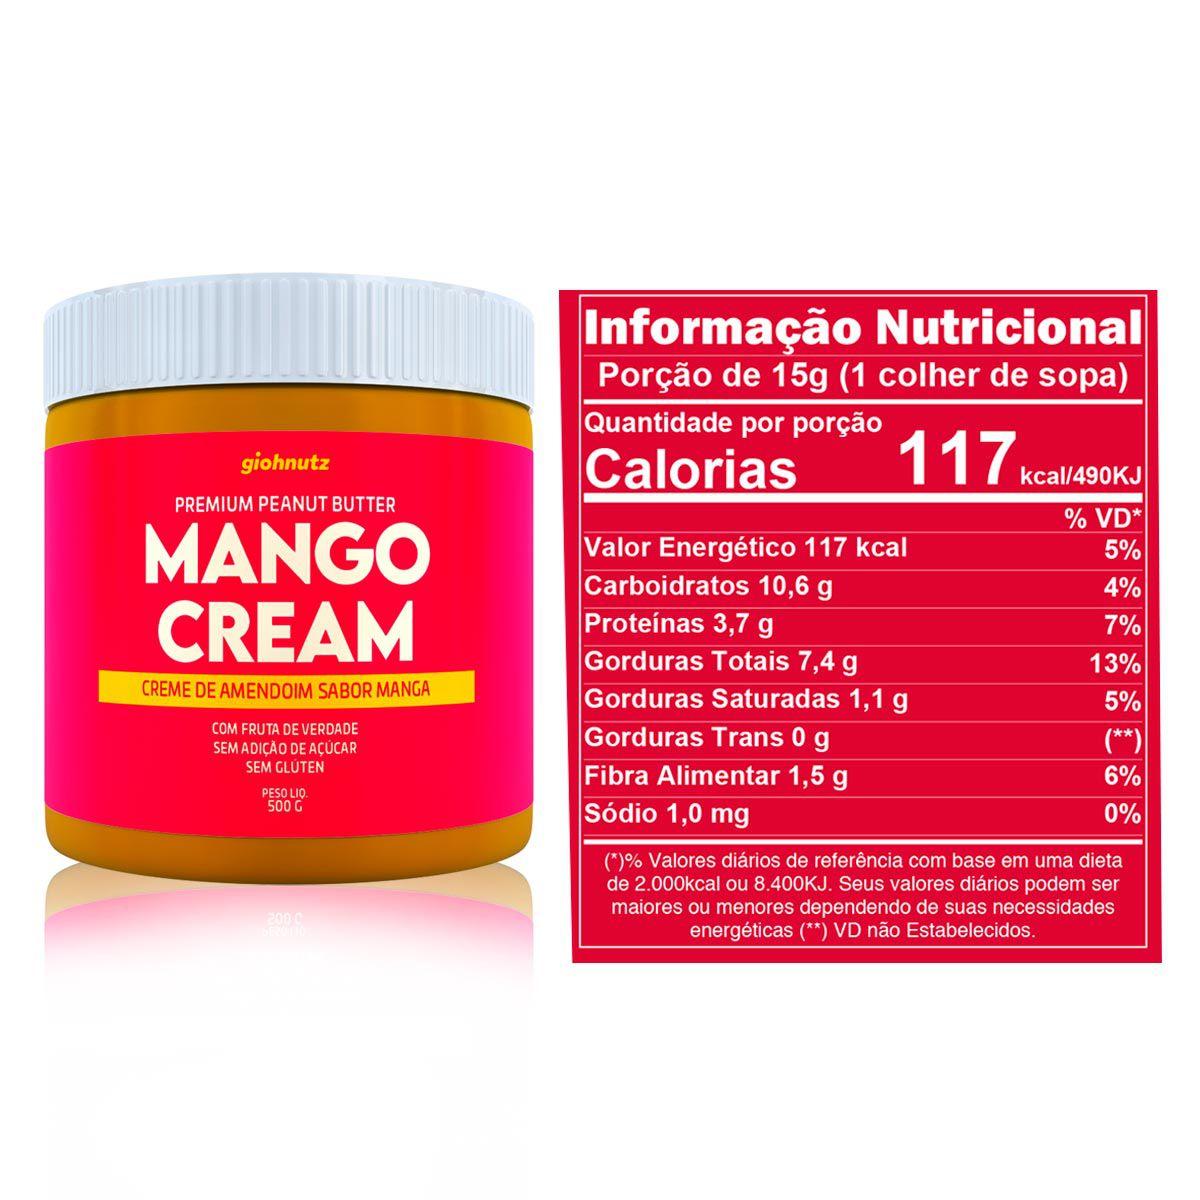 Pasta de Amendoim Mango Cream 500g - Giohnutz Validade Janeiro de 2021